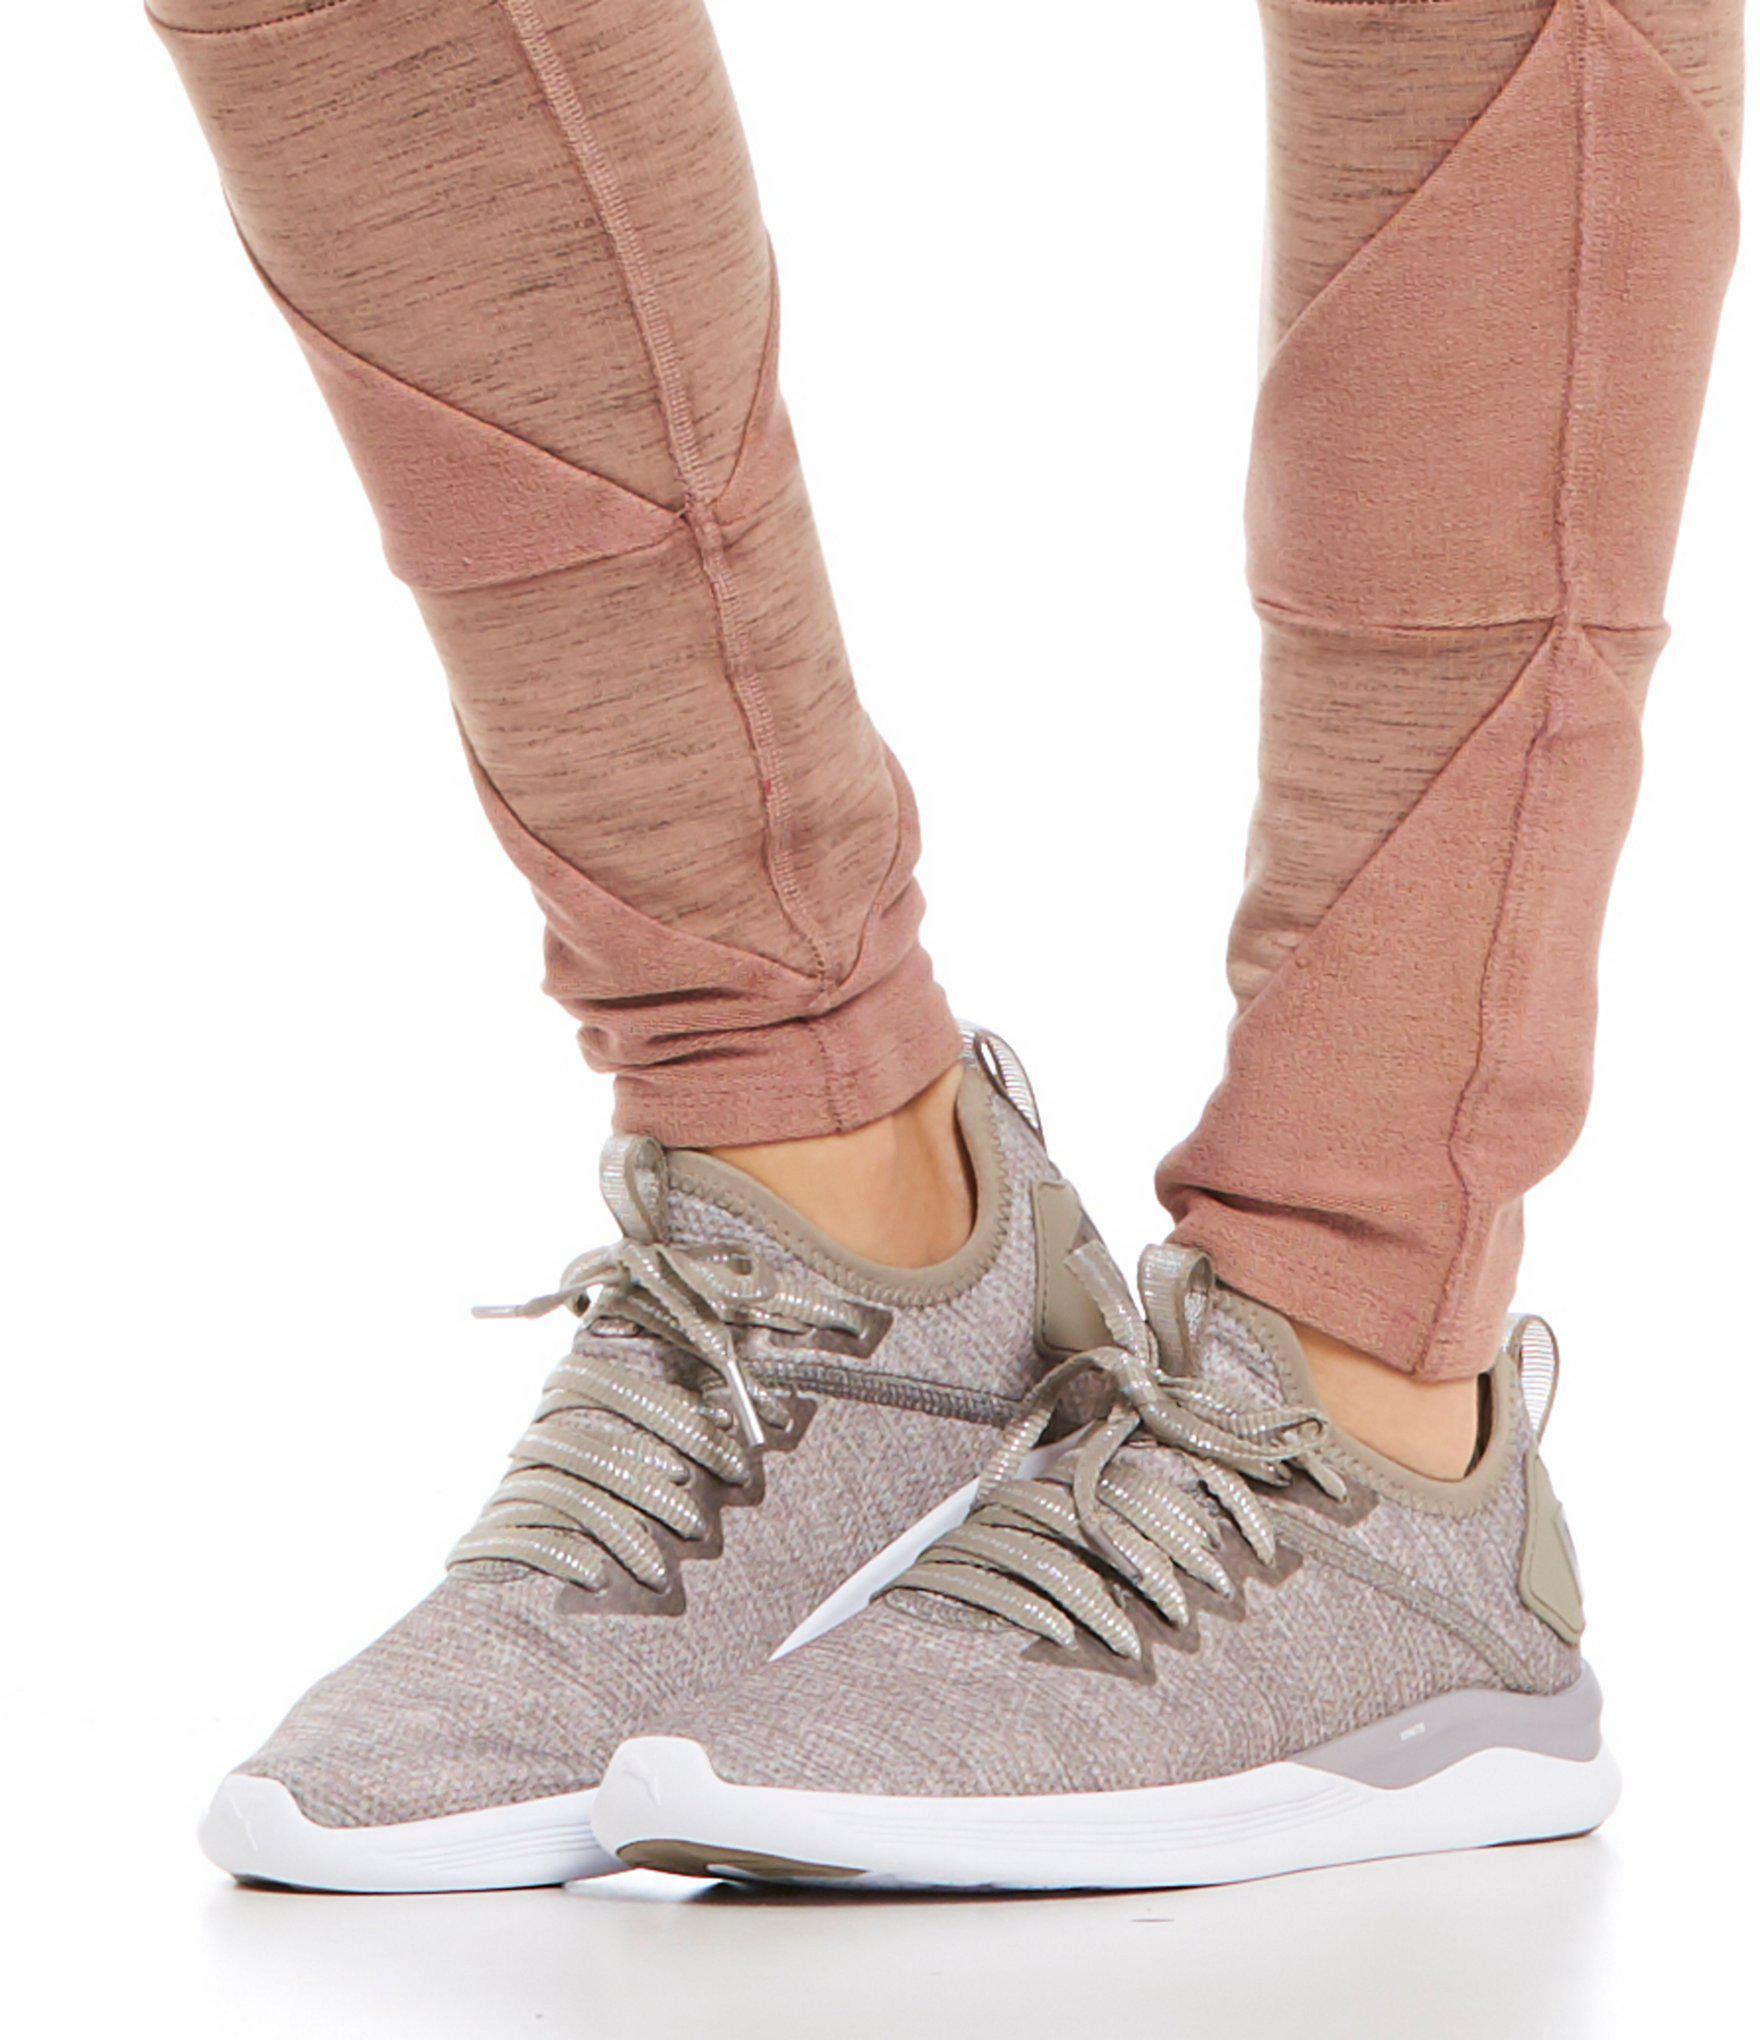 brand new c2ae3 53e7c PUMA Multicolor Women's Ignite Flash Evoknit Ep Sneakers